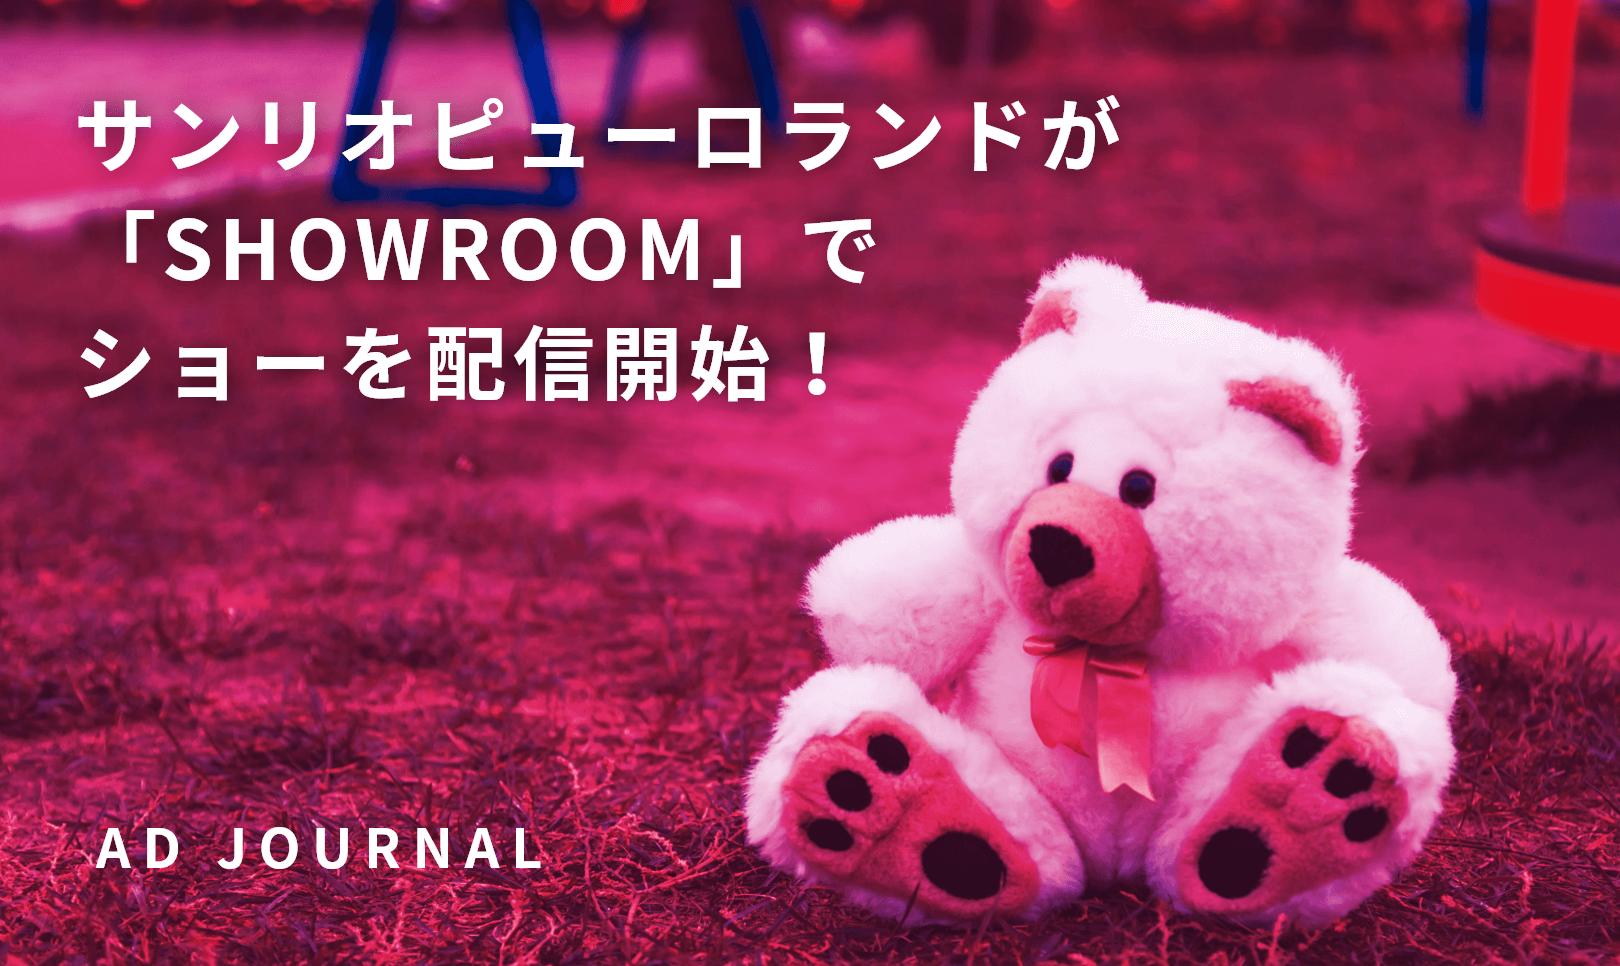 サンリオピューロランドが「SHOWROOM」でショーを配信開始!